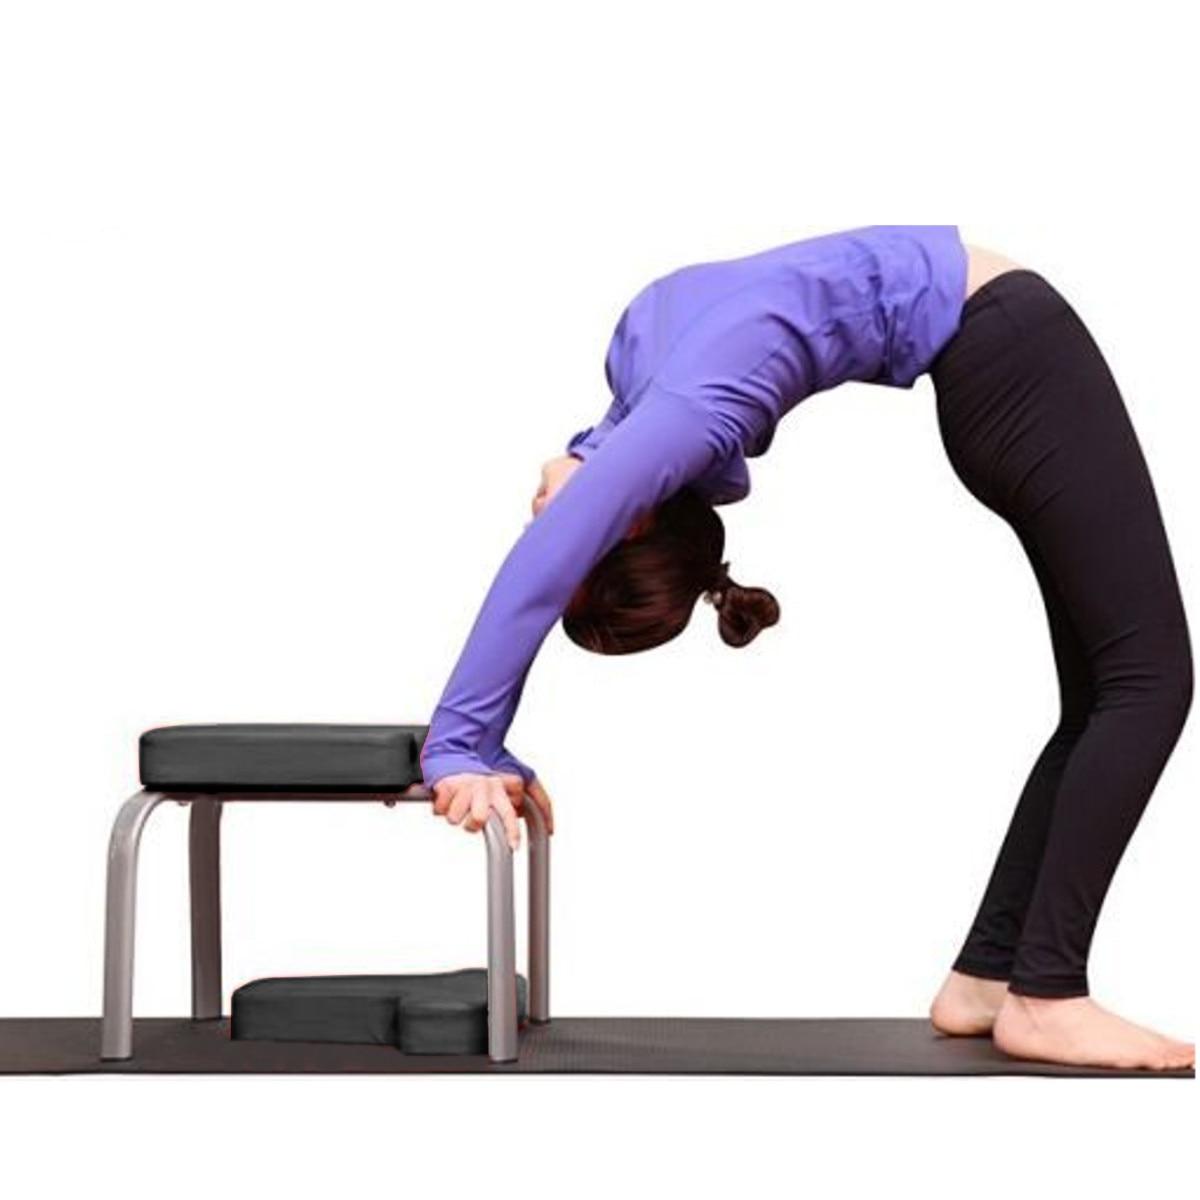 43*42*37 cm Yoga sida chaise d'entraînement tabouret tabouret multifonctionnel sport exercice banc équipement de Fitness noir - 3